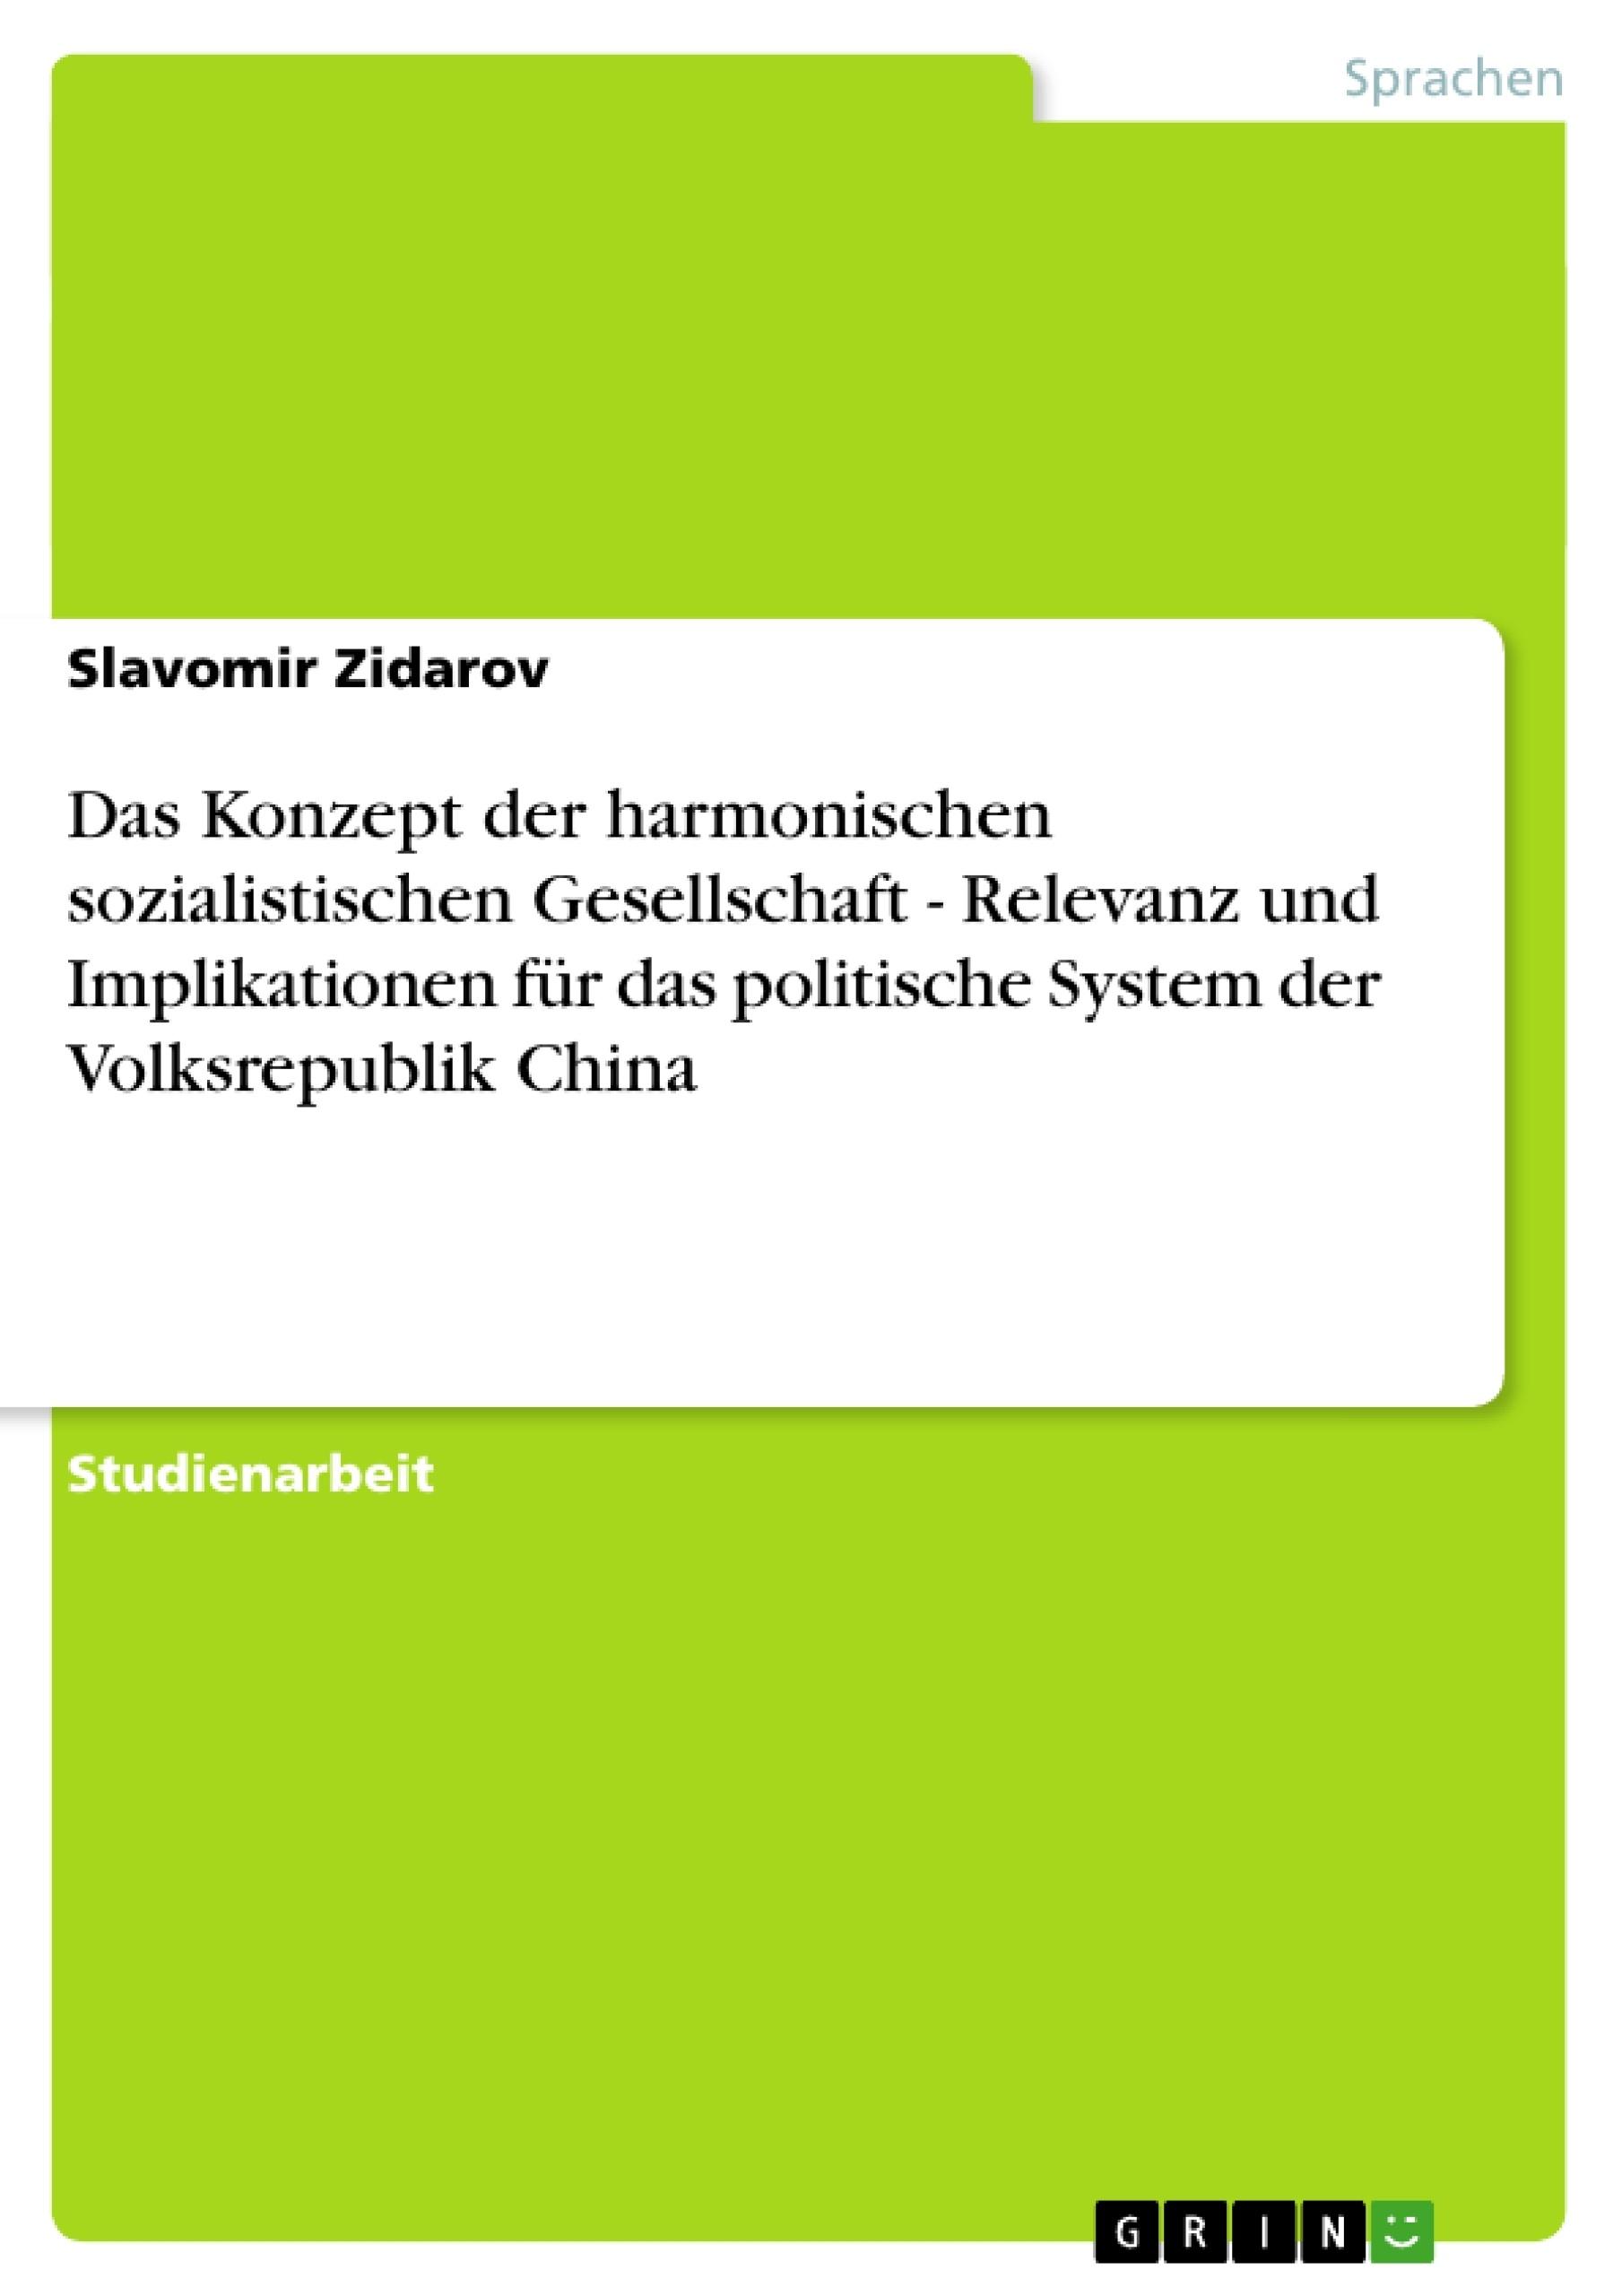 Titel: Das Konzept der harmonischen sozialistischen Gesellschaft - Relevanz und Implikationen für das politische System der Volksrepublik China